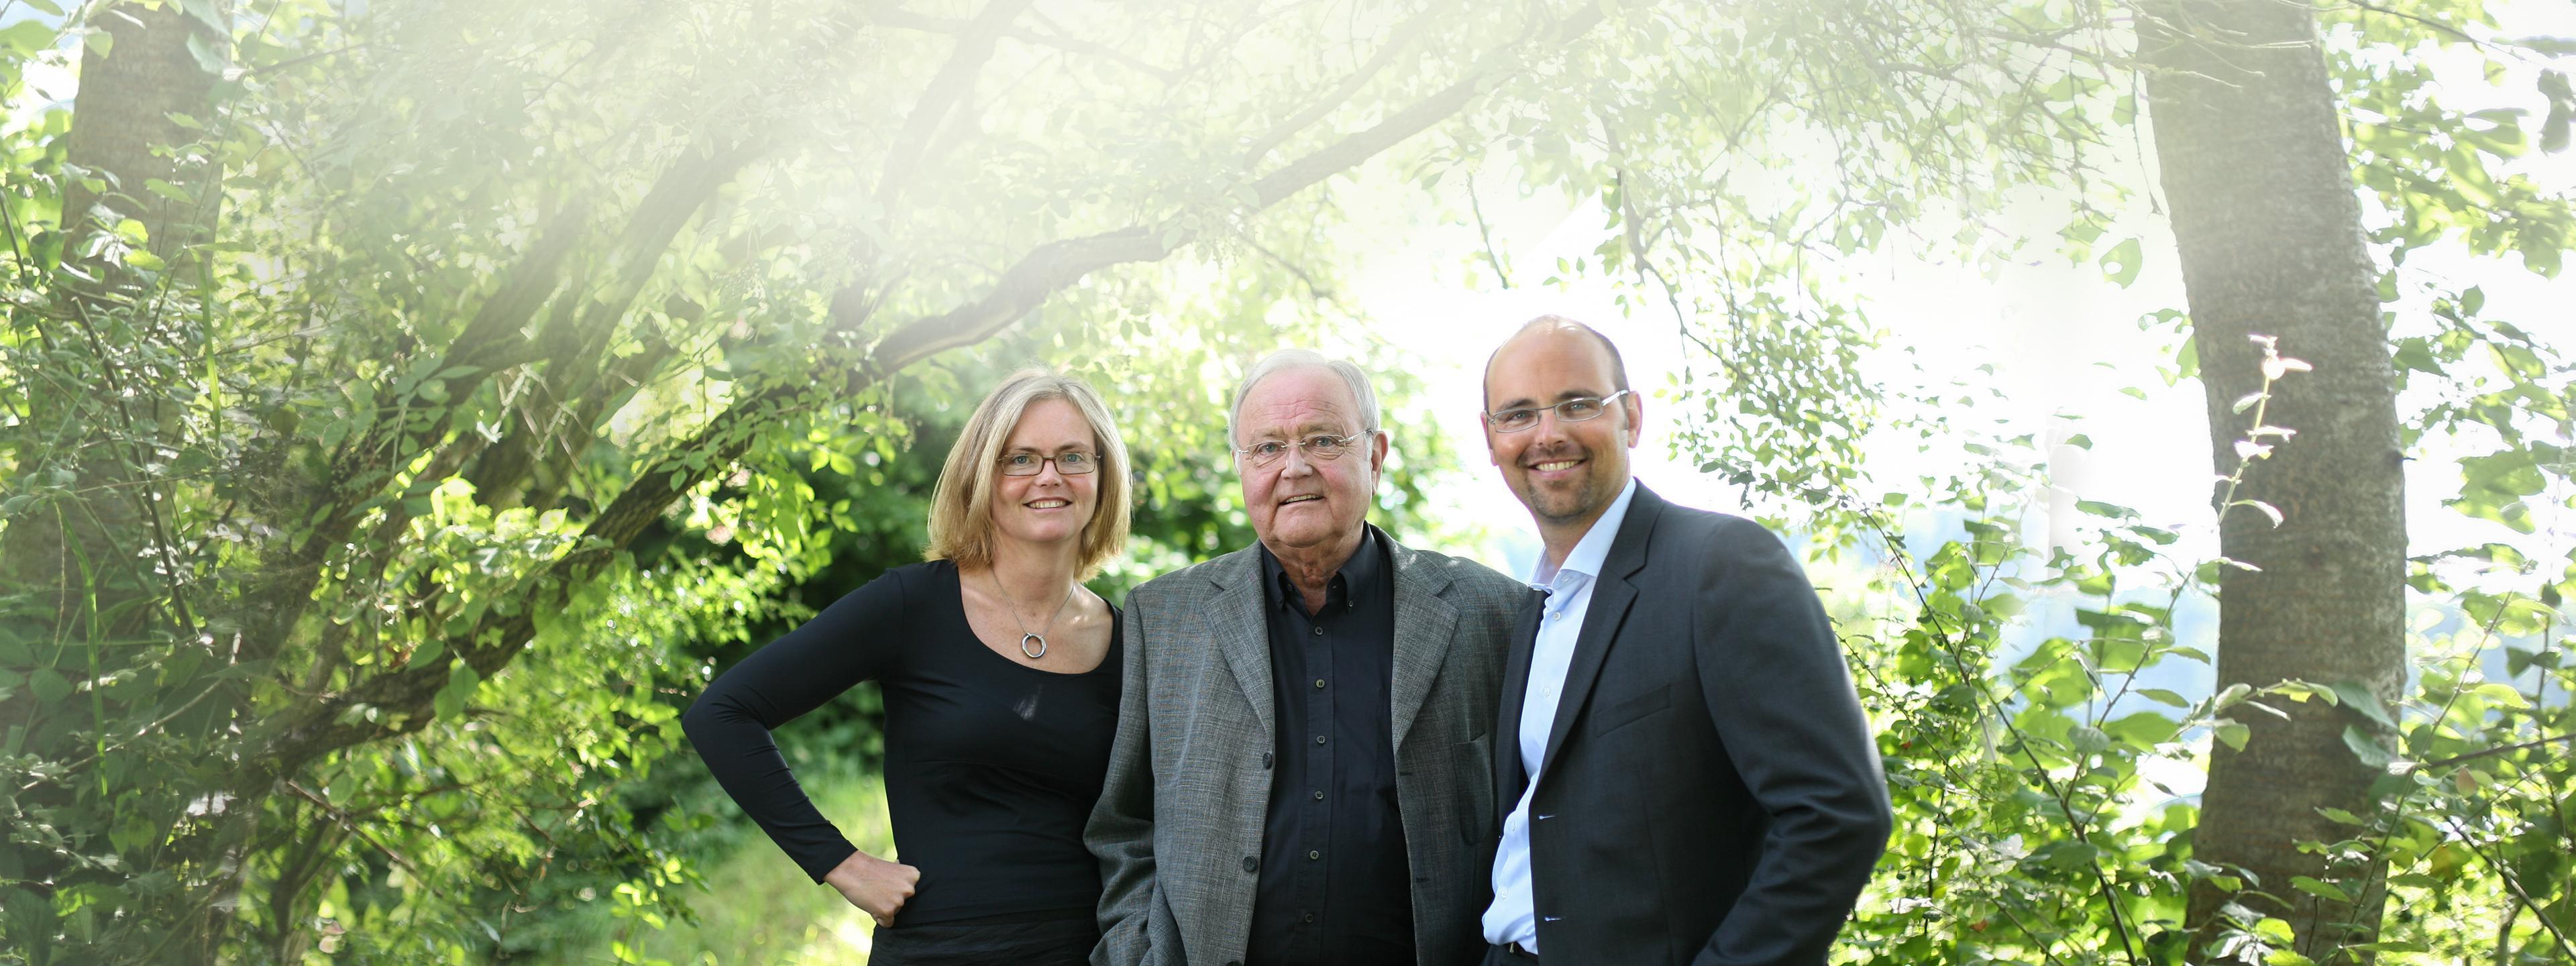 BRITA histoire BRITA heinz et markus hankammer